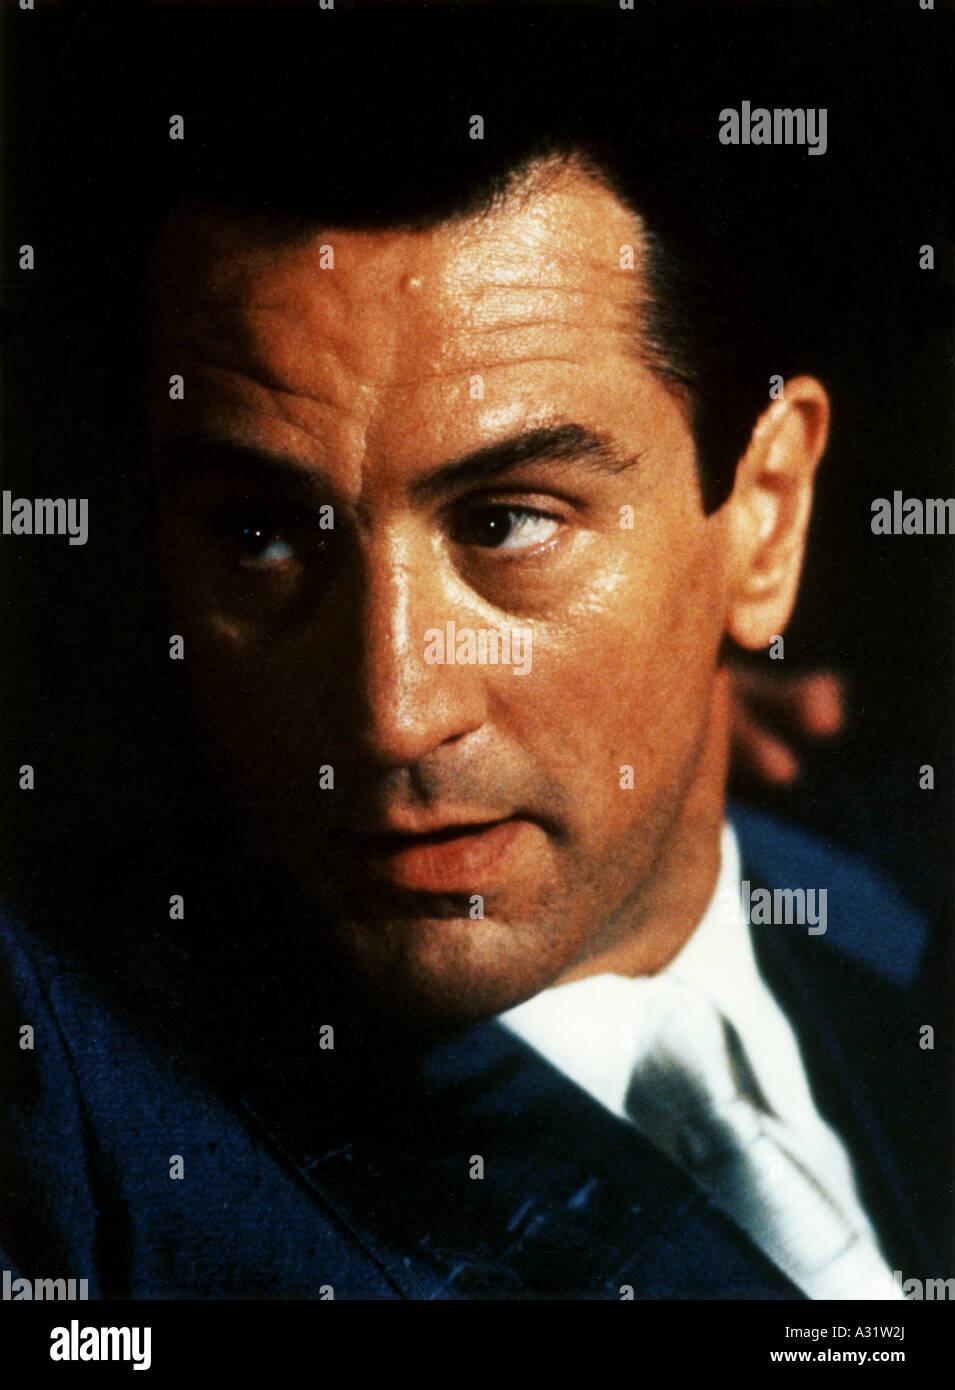 ROBERT DE NIRO US actor - Stock Image